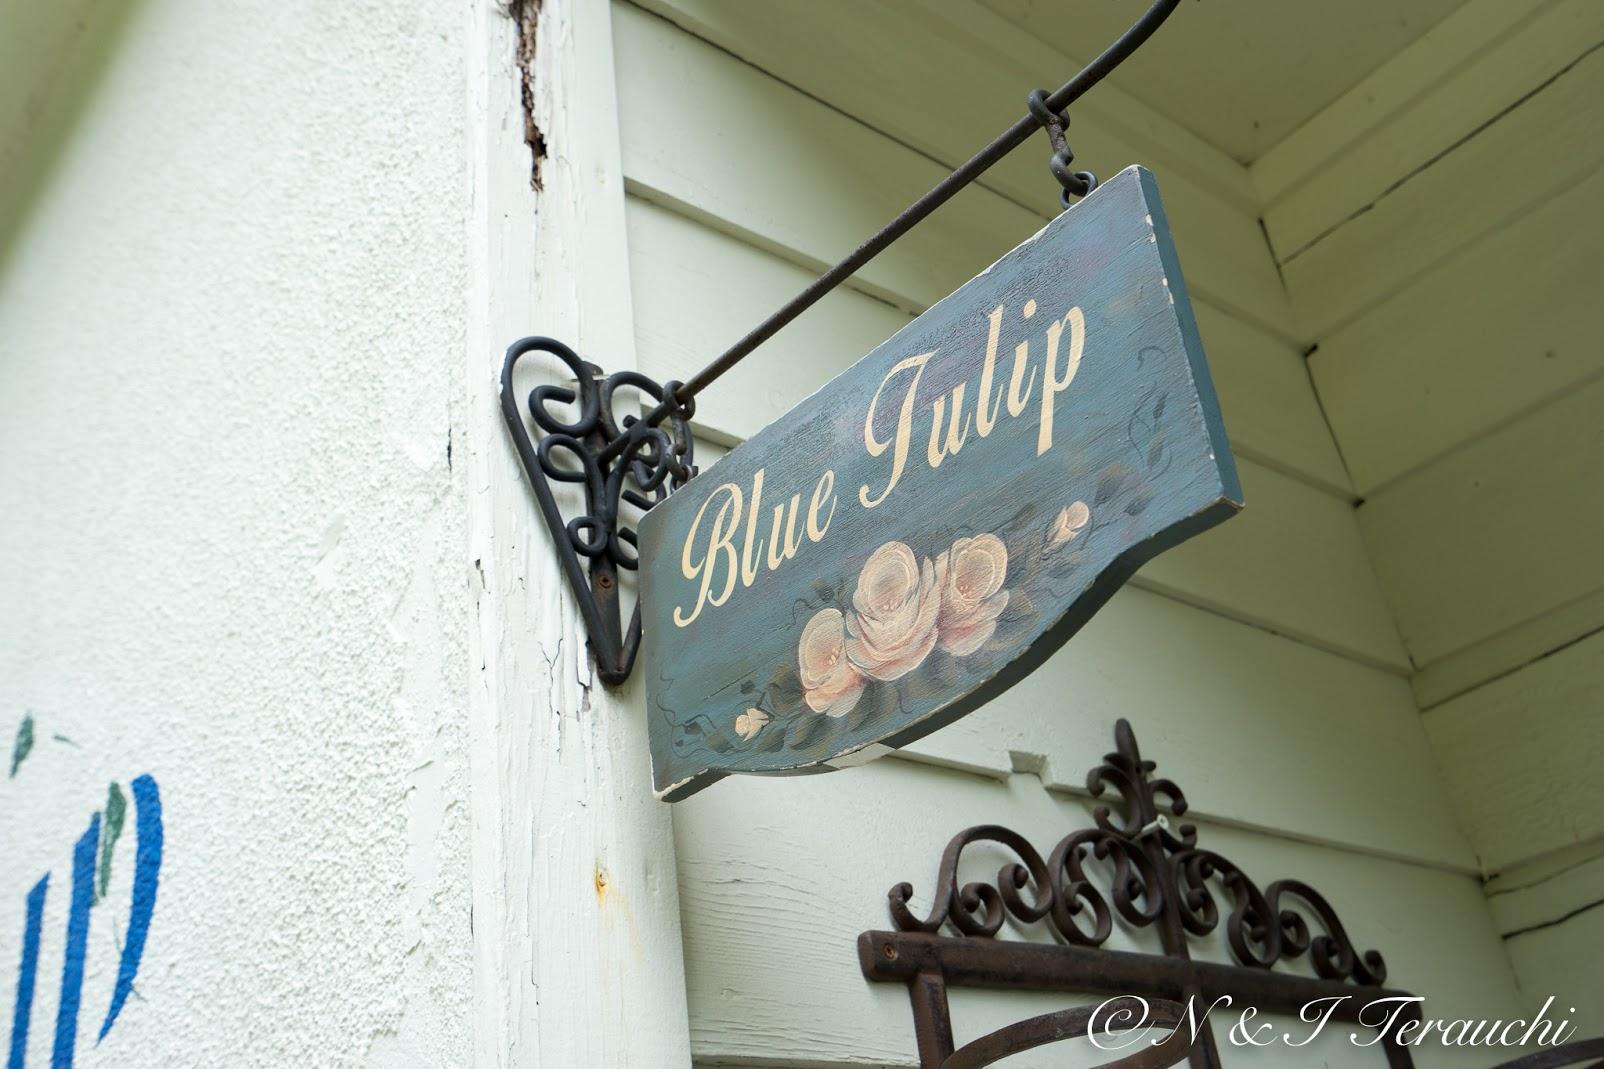 ブルーチューリップ・Blue tulip(札幌市)